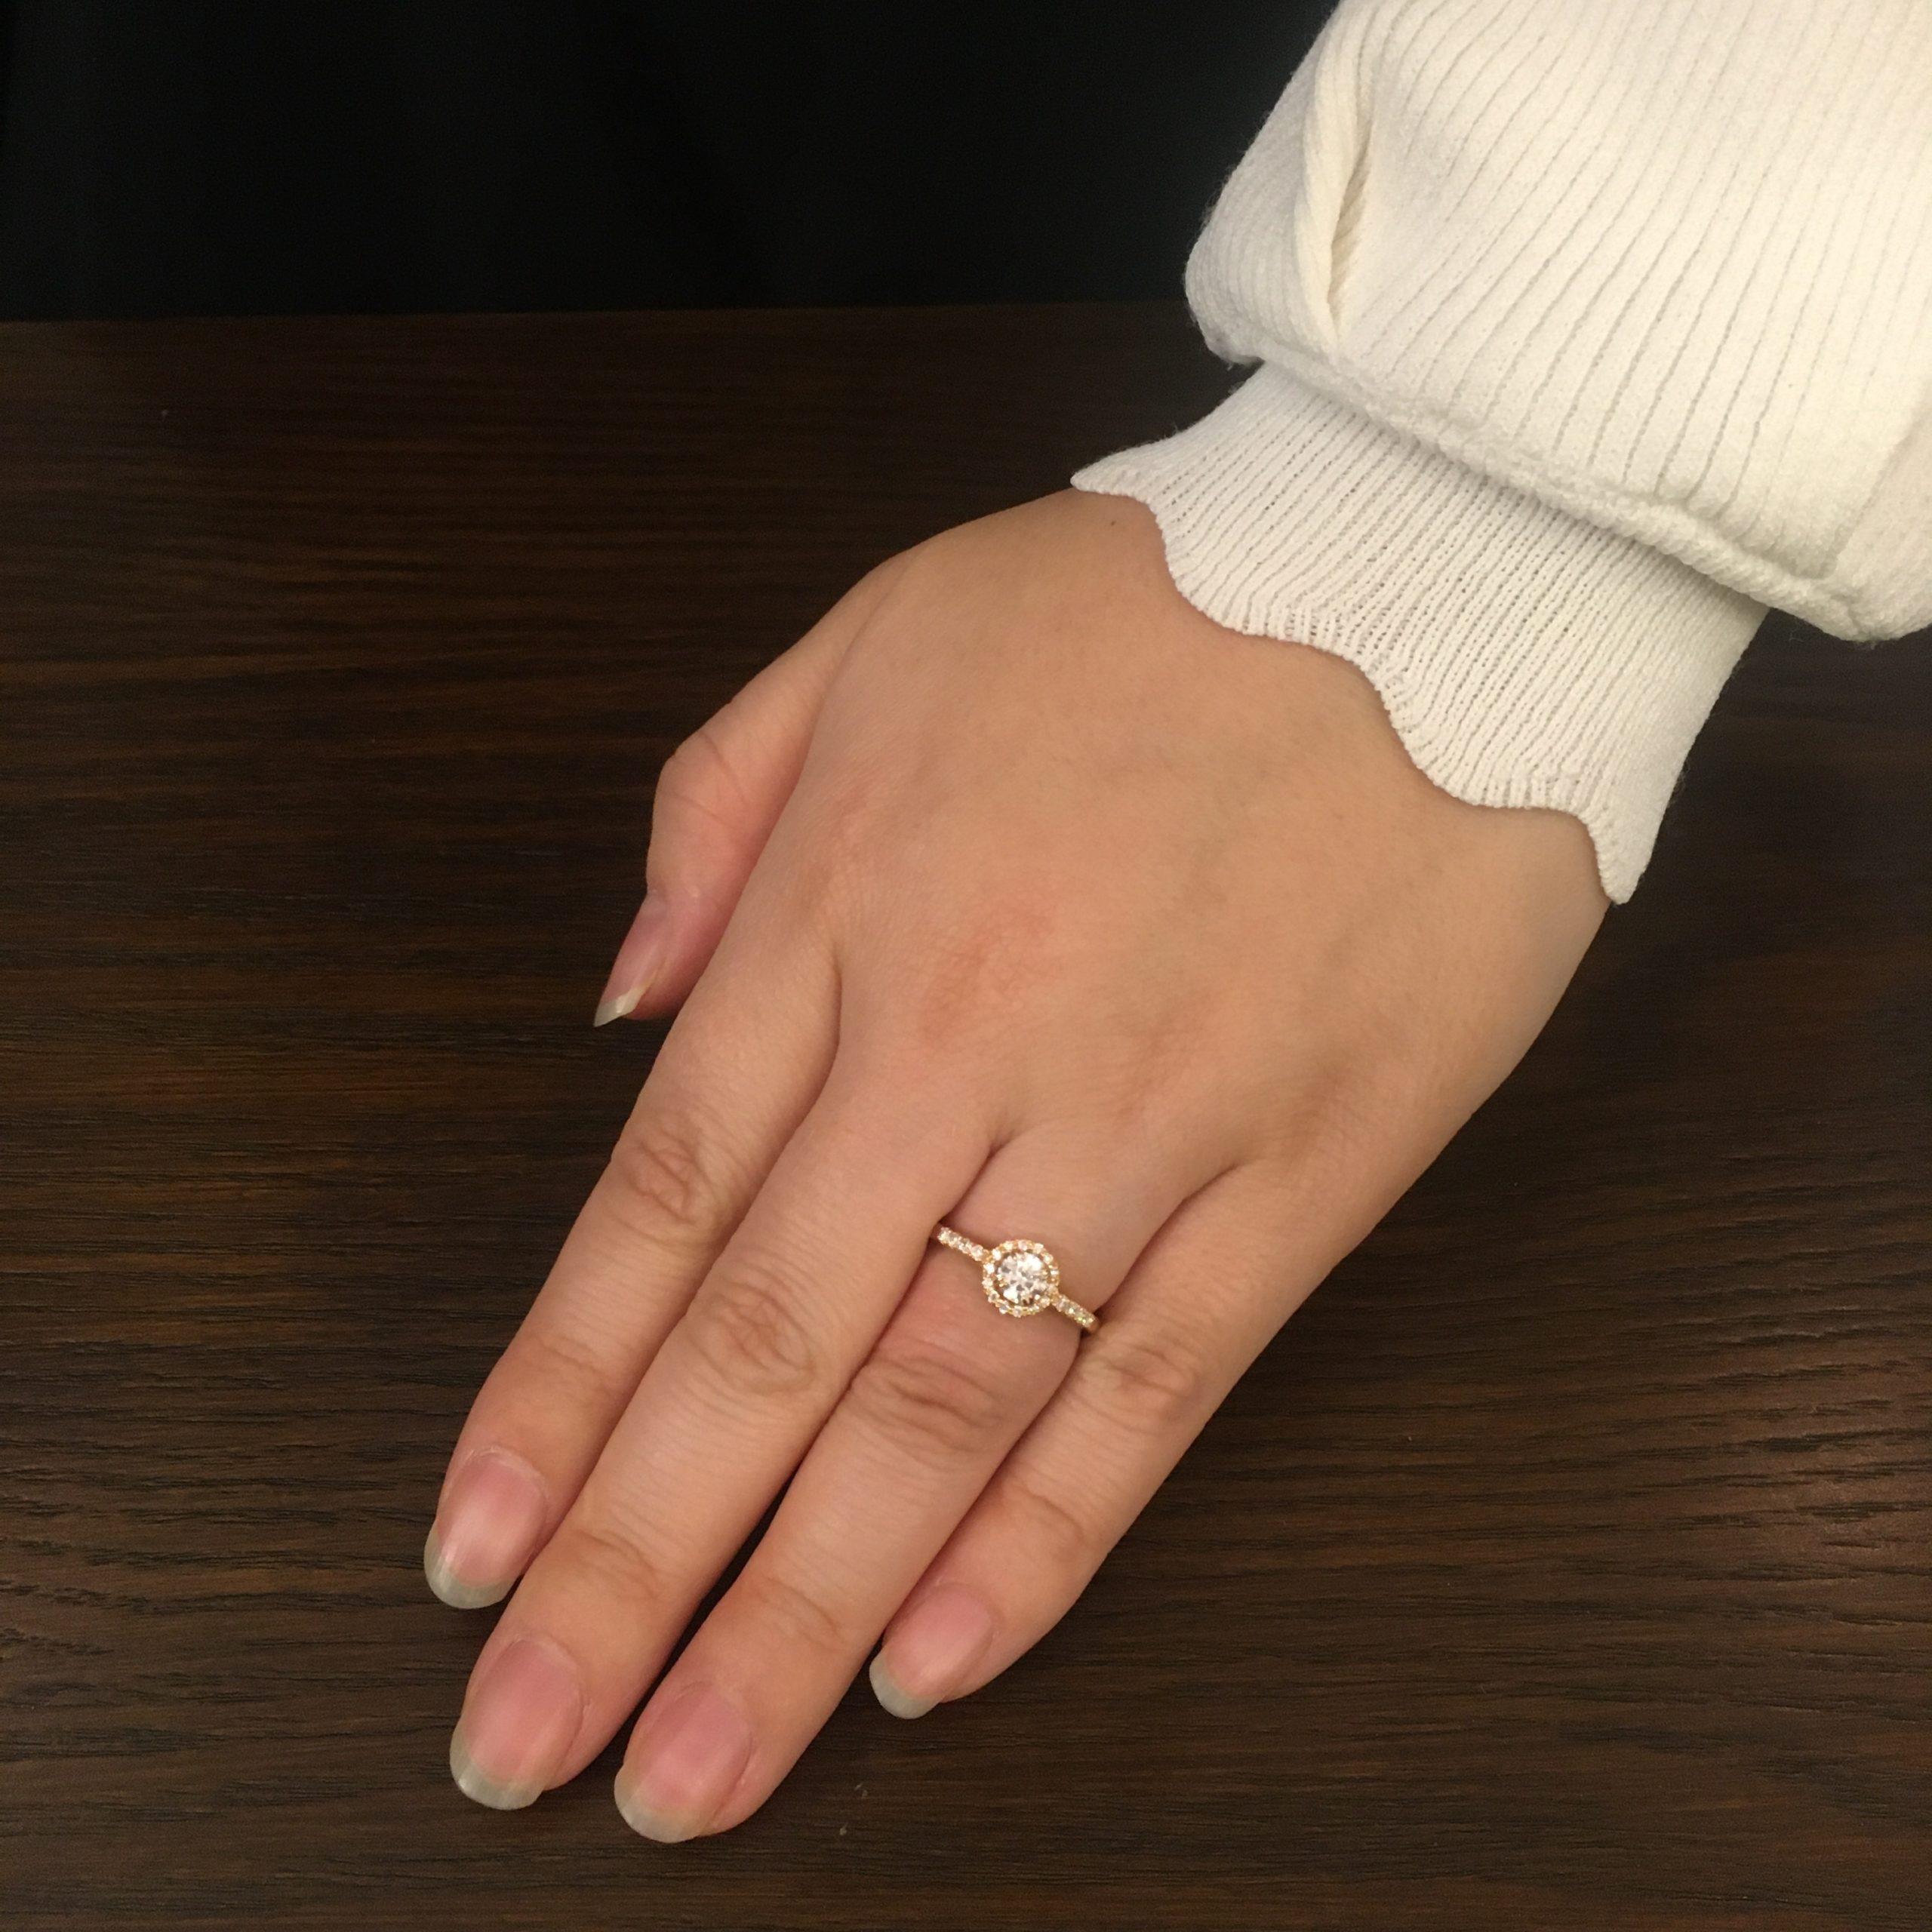 おススメの婚約指輪